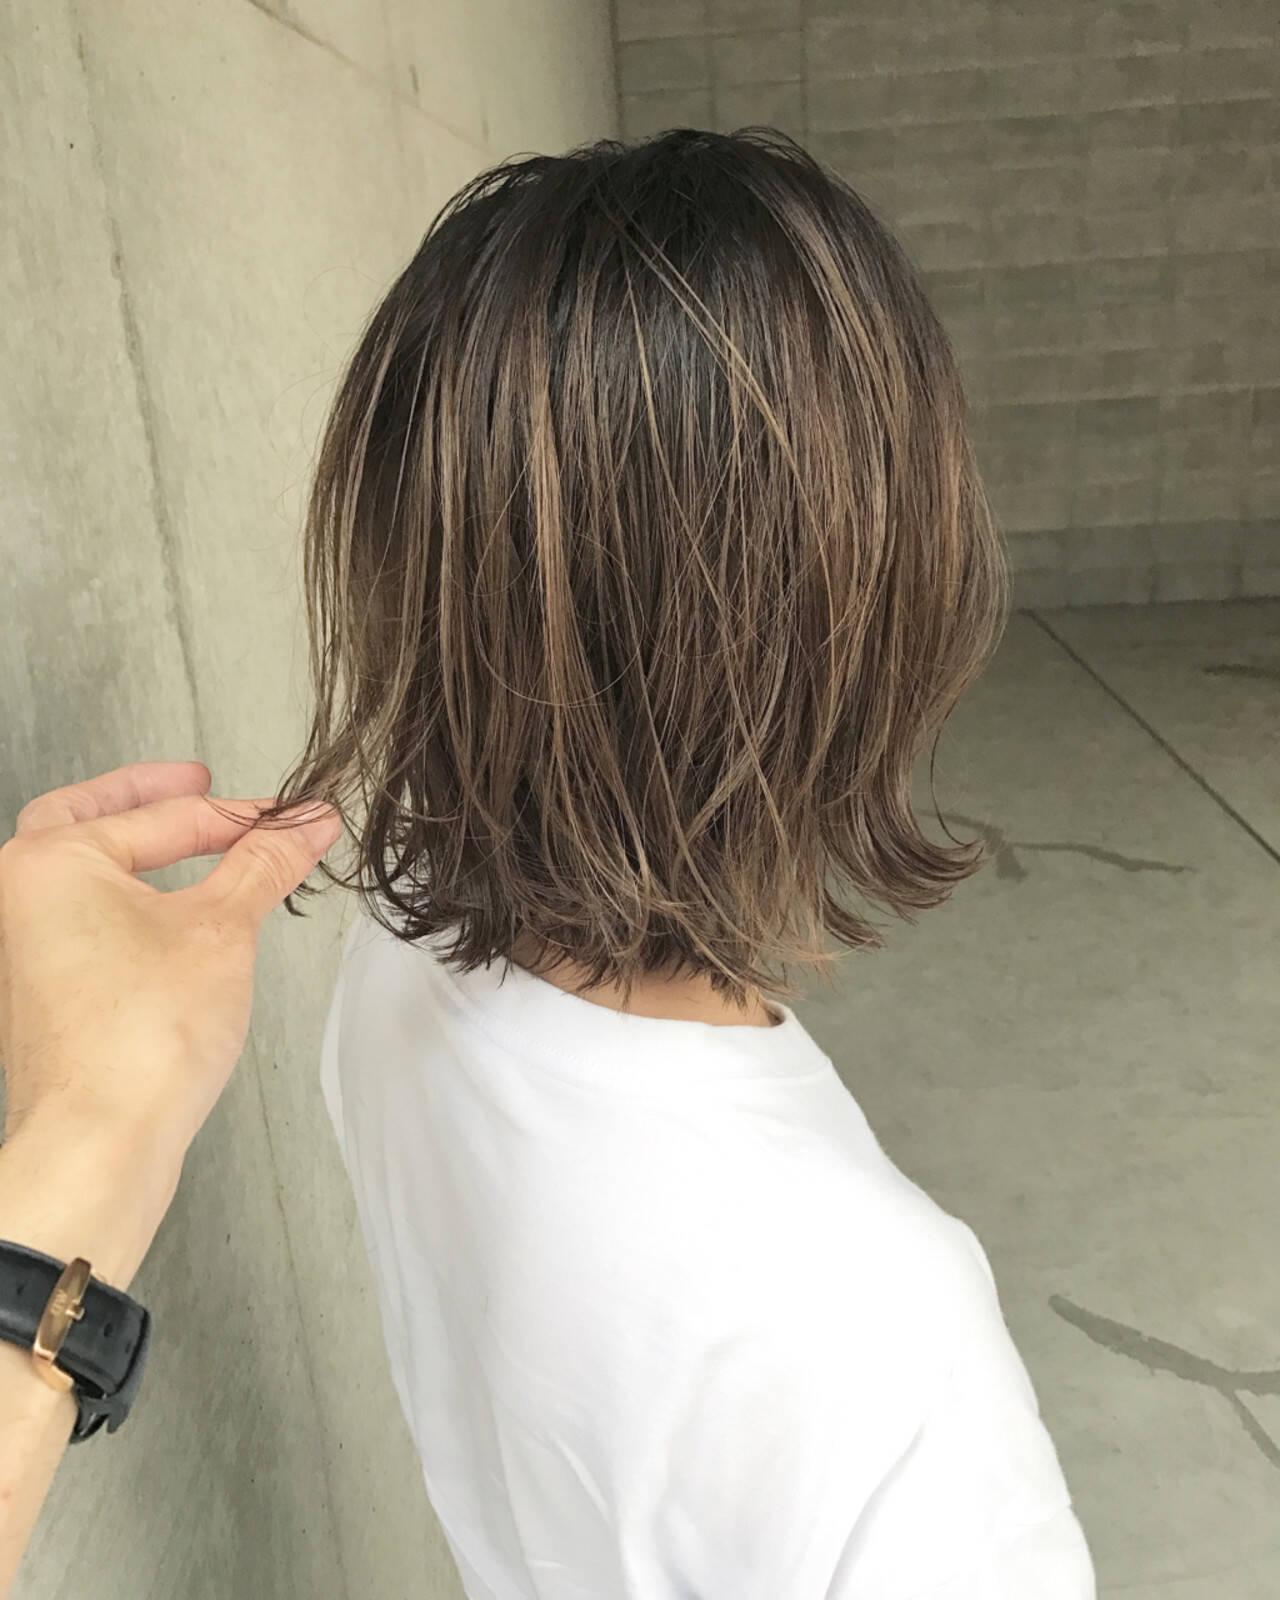 ヘアアレンジ アンニュイ ボブ ウェーブヘアスタイルや髪型の写真・画像